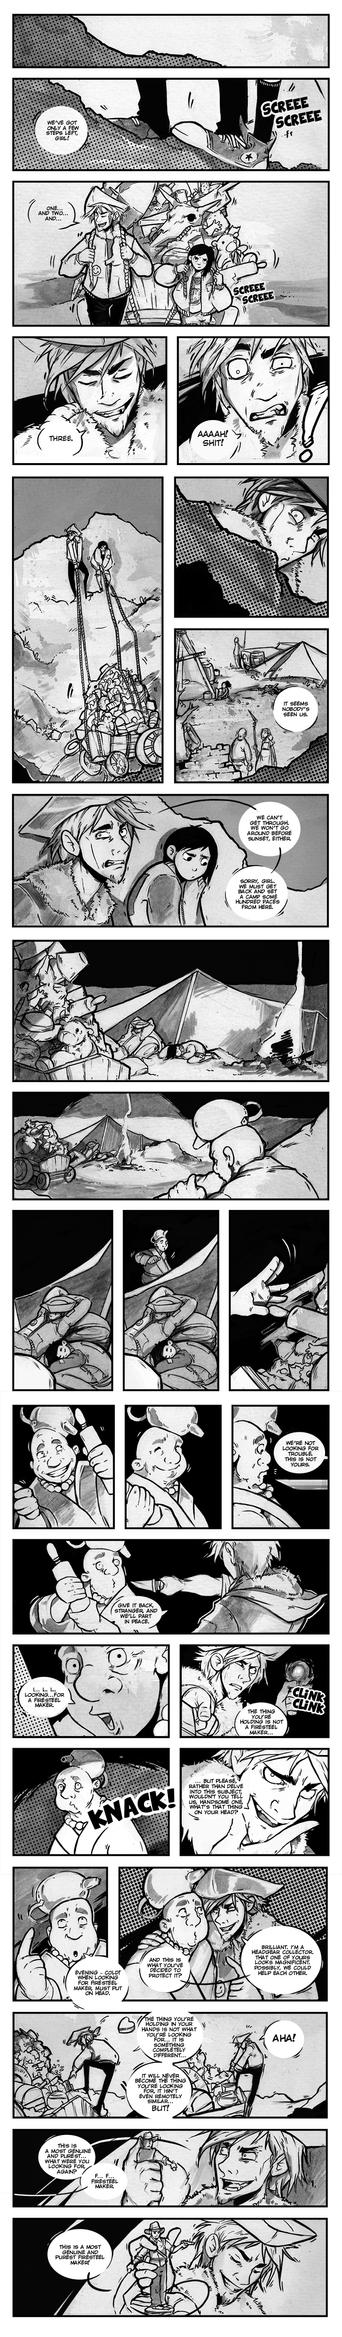 Rag'n'Bones pages 1-5 by beiibis